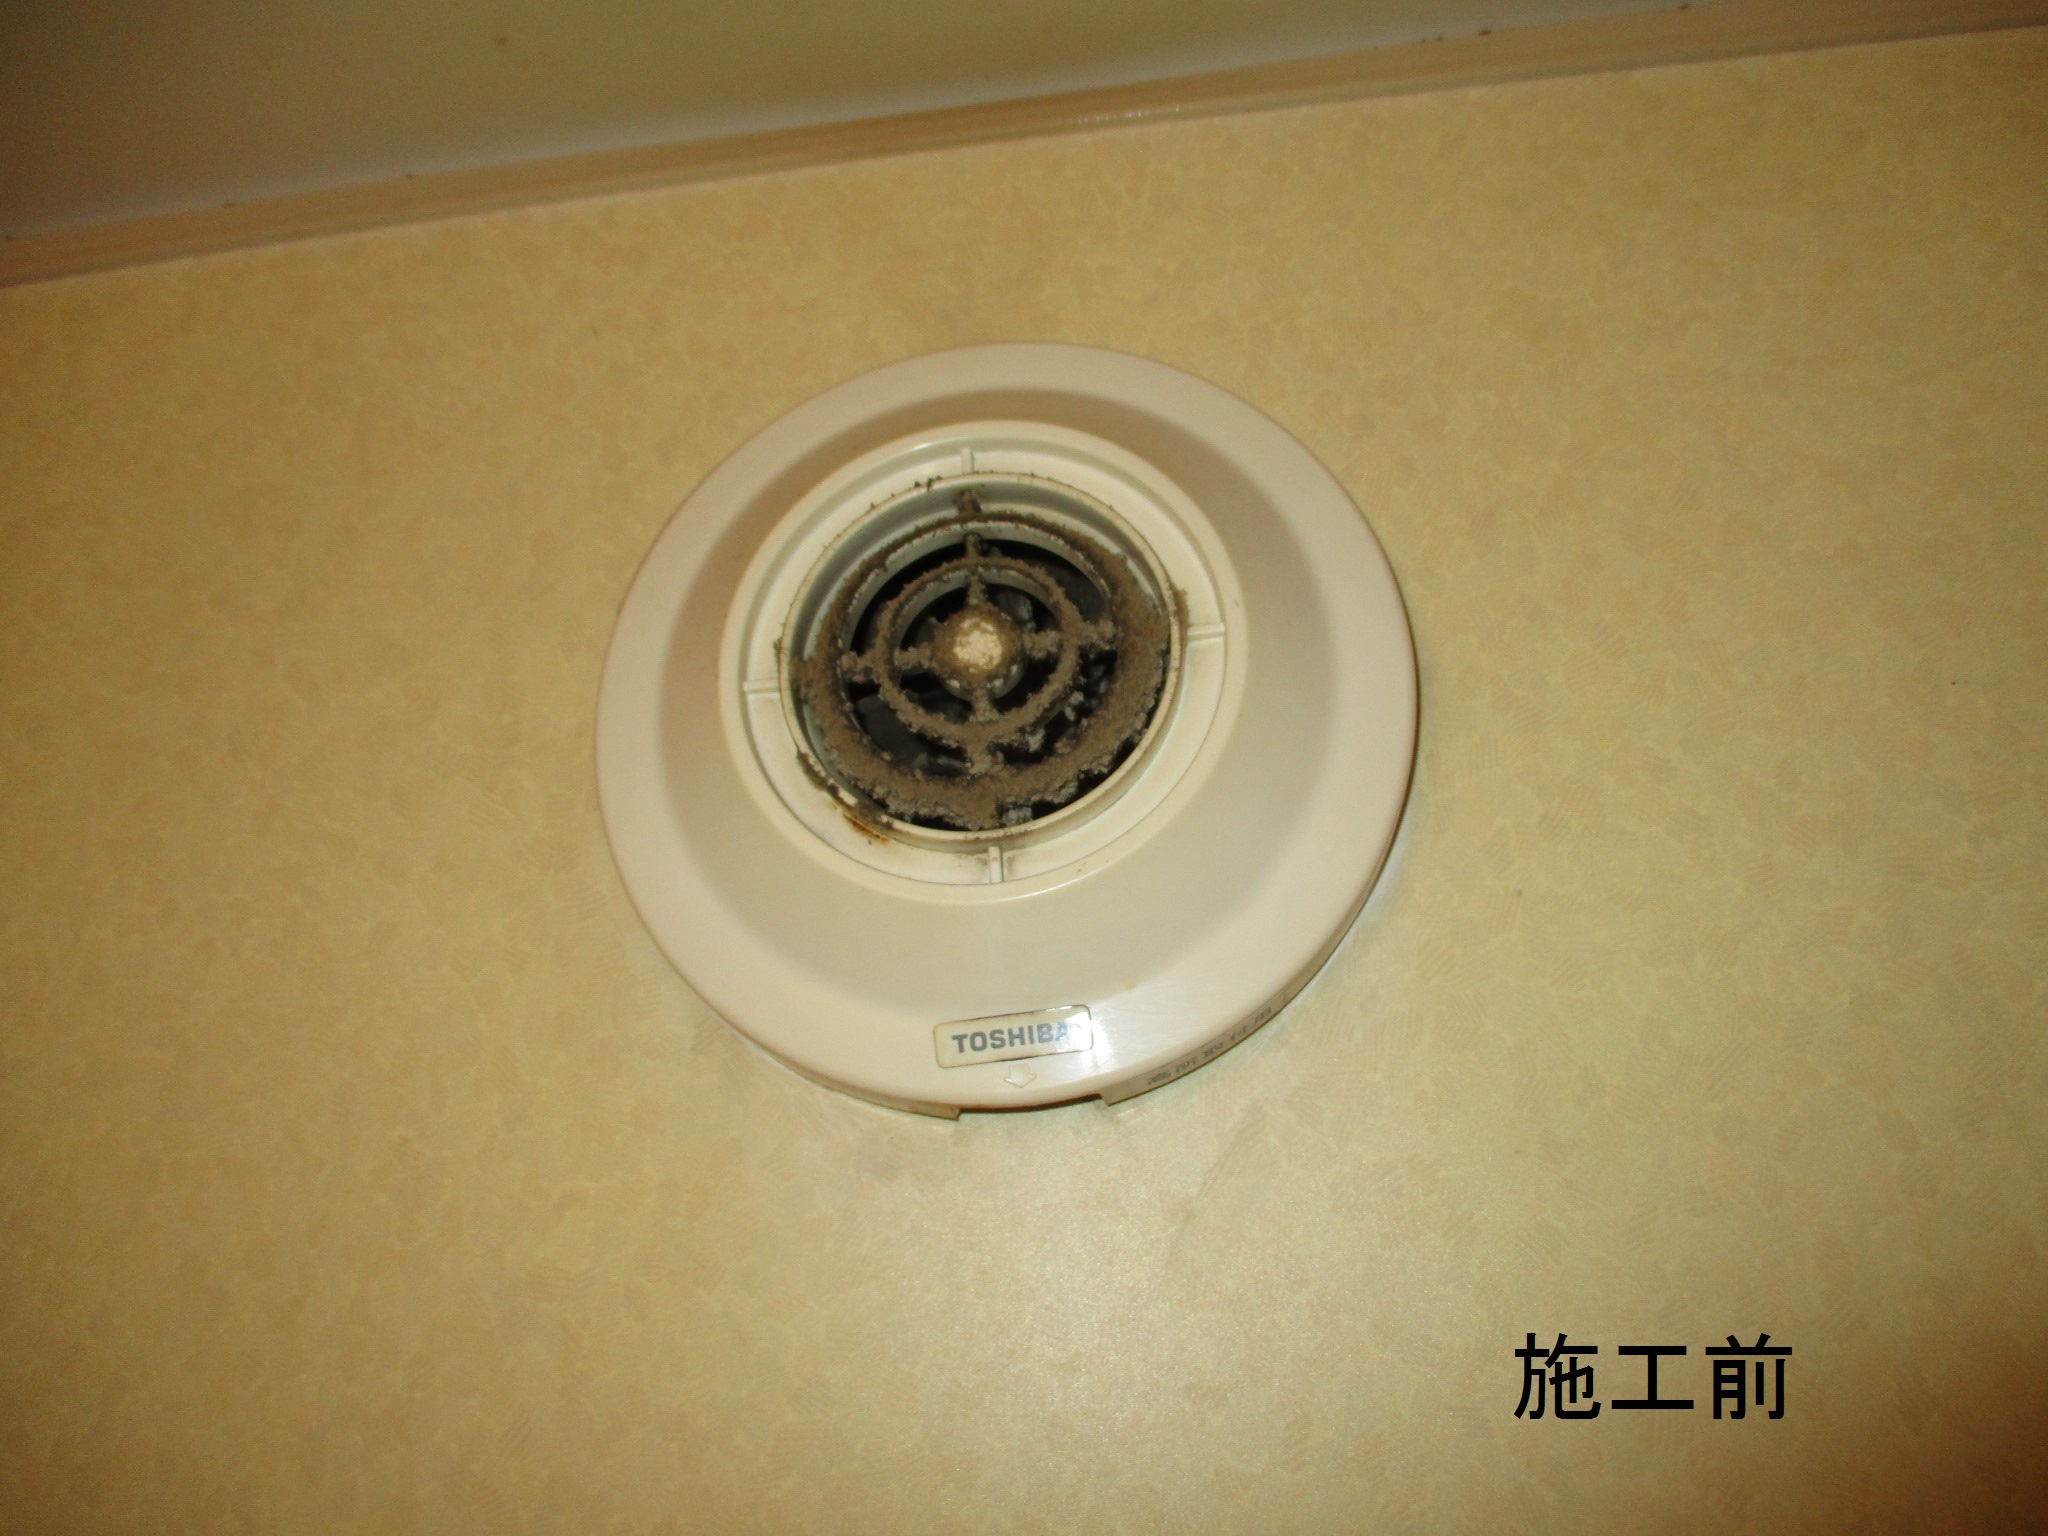 宝塚市 浴室壁付け換気扇取替工事イメージ04